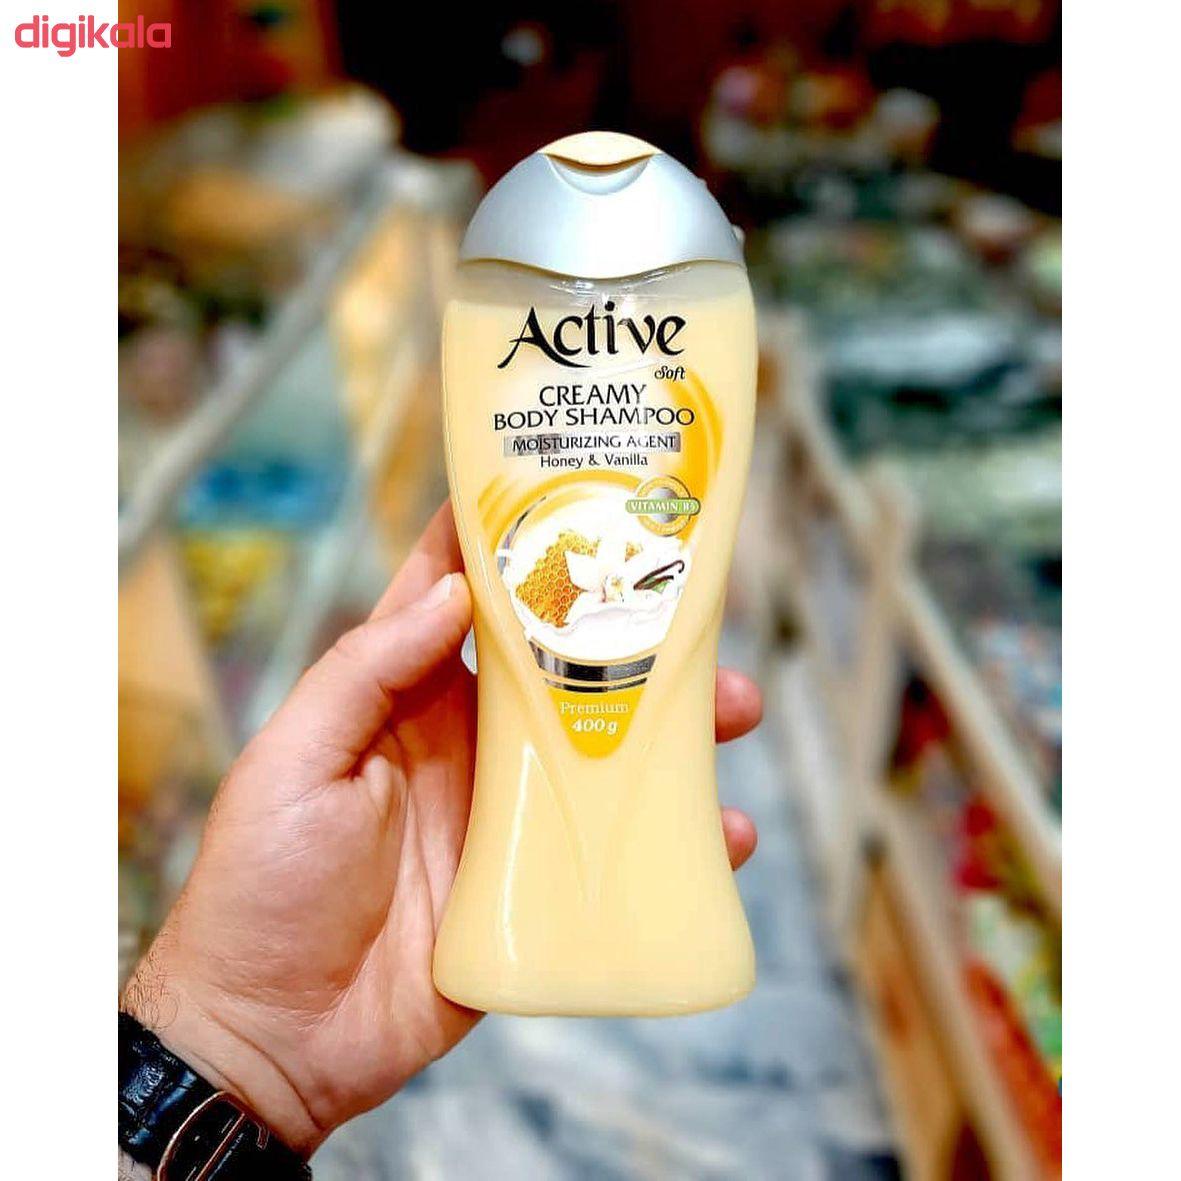 شامپو بدن کرمی اکتیو مدل Vanilla And Honey مقدار 400 گرم main 1 5